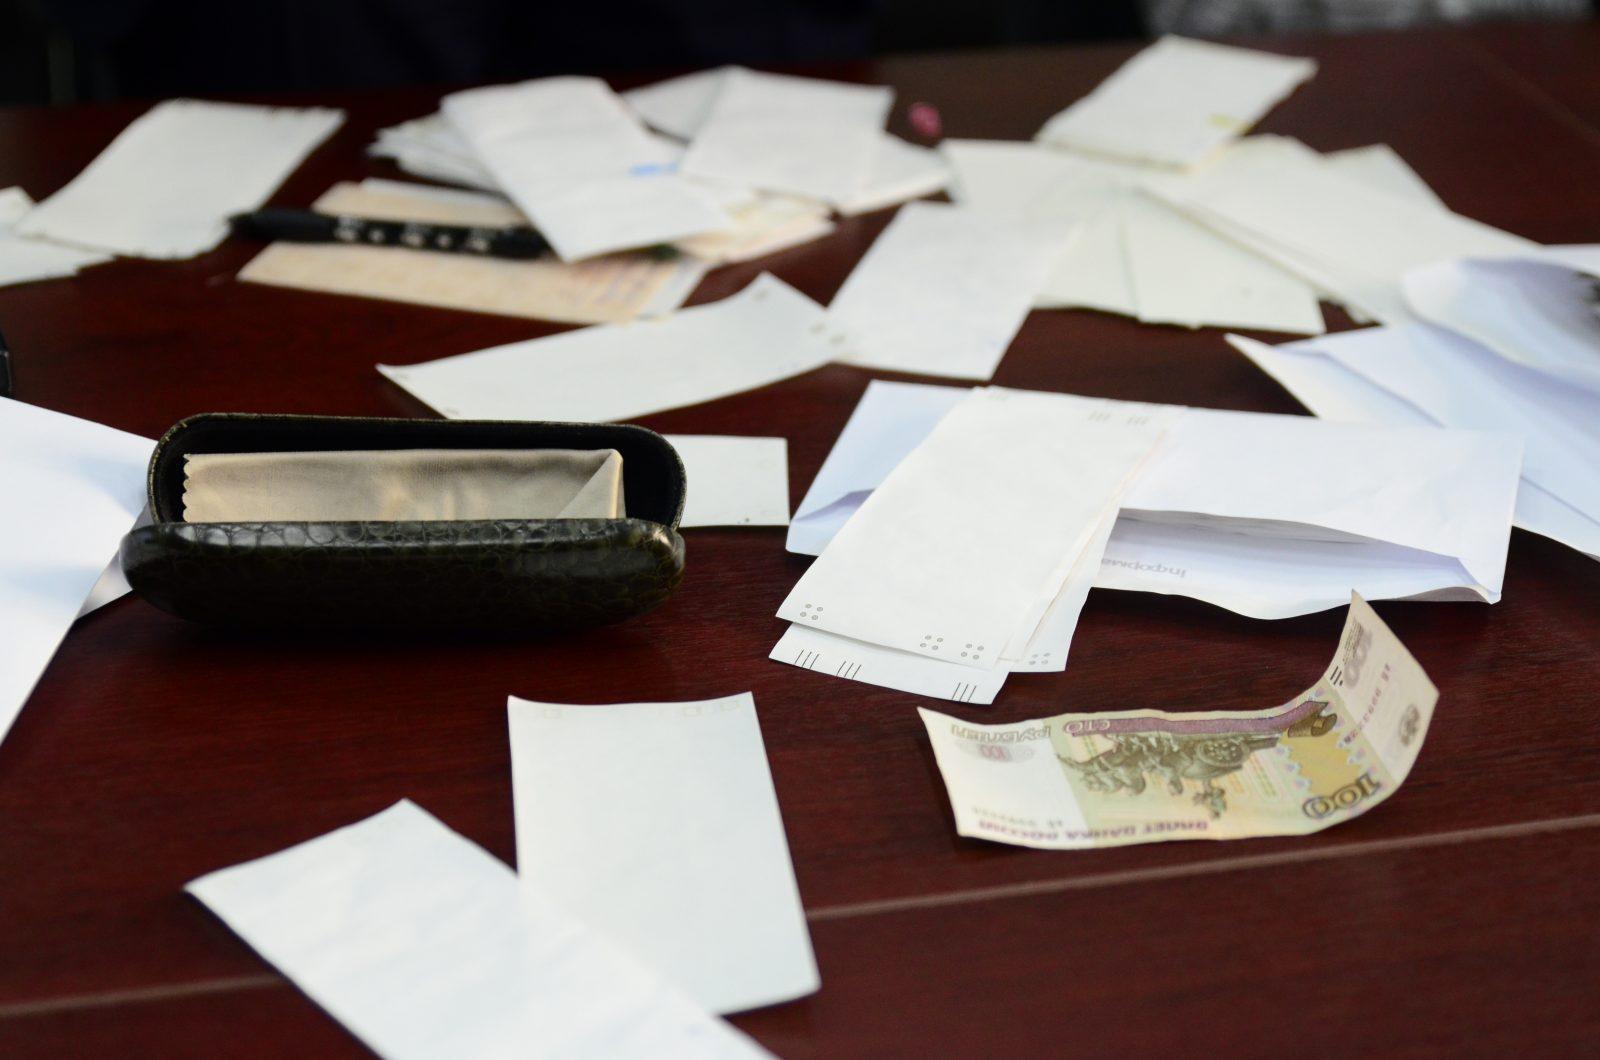 «Создание безбарьерной среды. Адаптация банкнот для самостоятельного использования незрячими людьми».